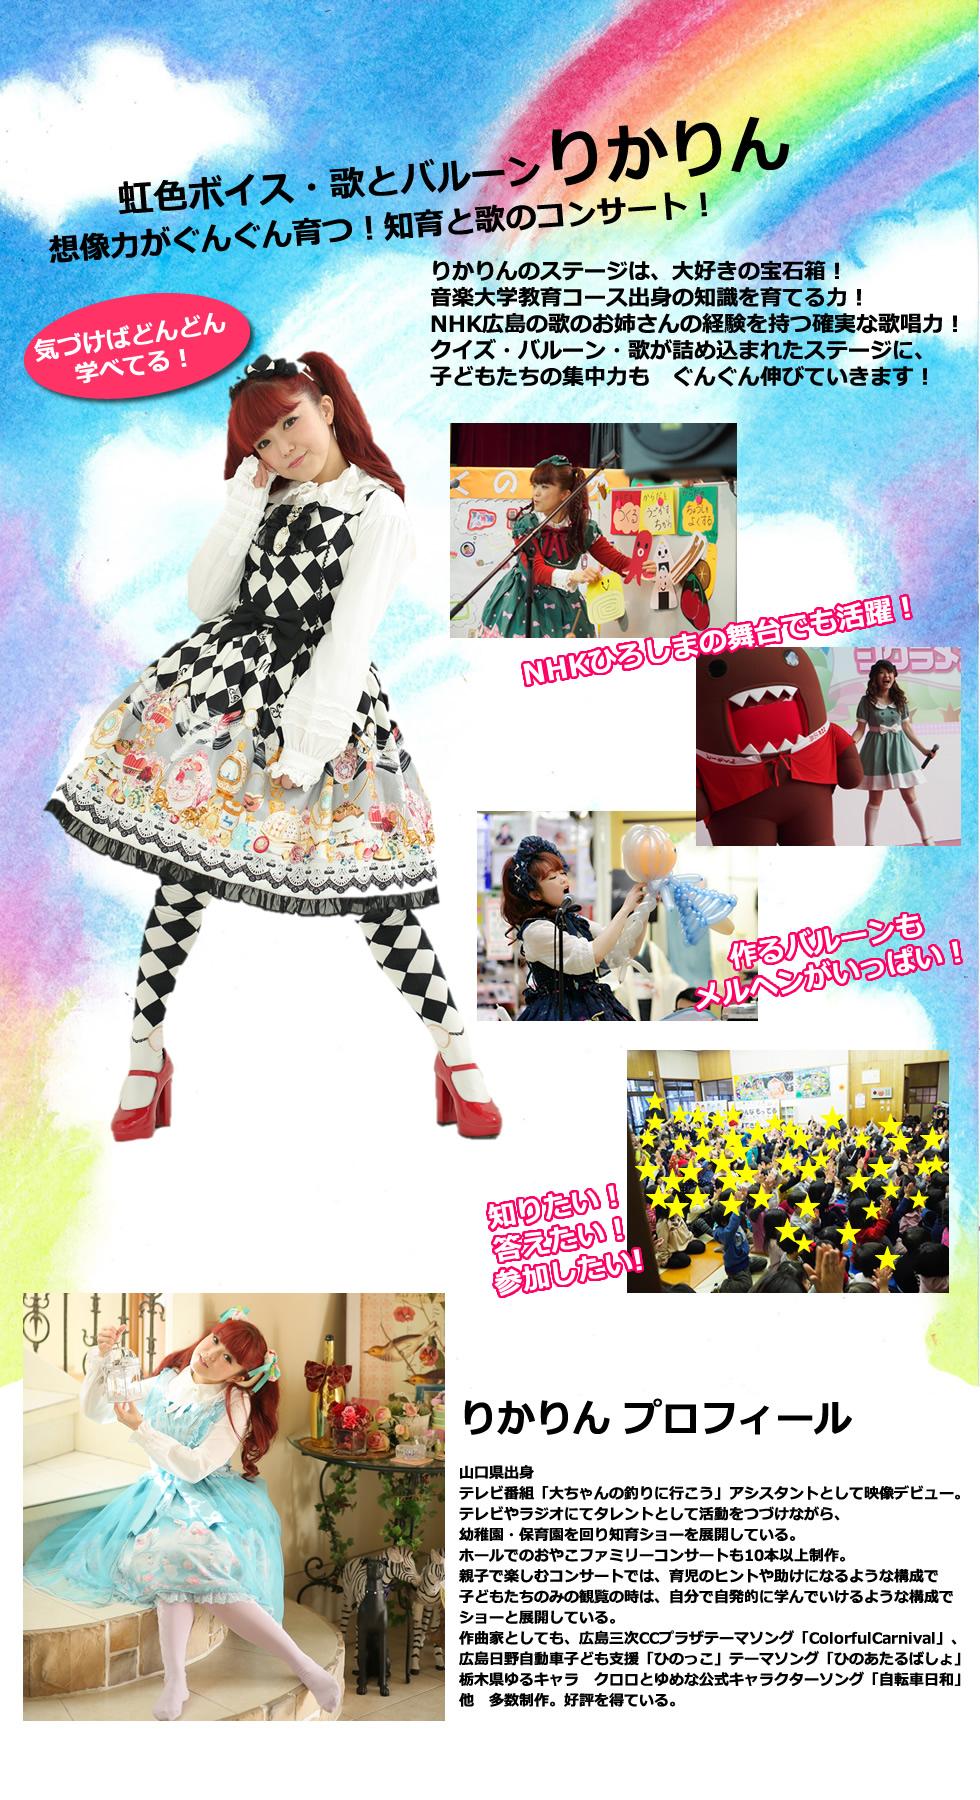 虹色ボイス・歌とバルーン りかりん 想像力がぐんぐん育つ!知育と歌のコンサート! 気づけばどんどん 学べてる!  りかりんのステージは、大好きの宝石箱! 音楽大学教育コース出身の 知識を育てる力! NHK広島の歌のお姉さんの経験を持つ確実な歌唱力! クイズ・バルーン・歌が詰め込まれたステージに、 子どもたちの集中力も ぐんぐん伸びていきます!  NHKひろしまの舞台でも活躍!  作るバルーンも メルヘンがいっぱい!  知りたい! 答えたい! 参加したい!  りかりん プロフィール 山口県出身 テレビ番組「大ちゃんの釣りに行こう」アシスタントとして映像デビュー。 テレビやラジオにてタレントとして活動をつづけながら、 幼稚園・保育園を回り知育ショーを展開している。 ホールでのおやこファミリーコンサートも10本以上制作。 親子で楽しむコンサートでは、育児のヒントや助けになるような構成で 子どもたちのみの観覧の時は、自分で自発的に学んでいけるような構成で ショーと展開している。 作曲家としても、広島三次CCプラザテーマソング「ColorfulCarnival」、 広島日野自動車子ども支援「ひのっこ」テーマソング「ひのあたるばしょ」 栃木県ゆるキャラ クロロとゆめな公式キャラクターソング「自転車日和」 他 多数制作。好評を得ている。